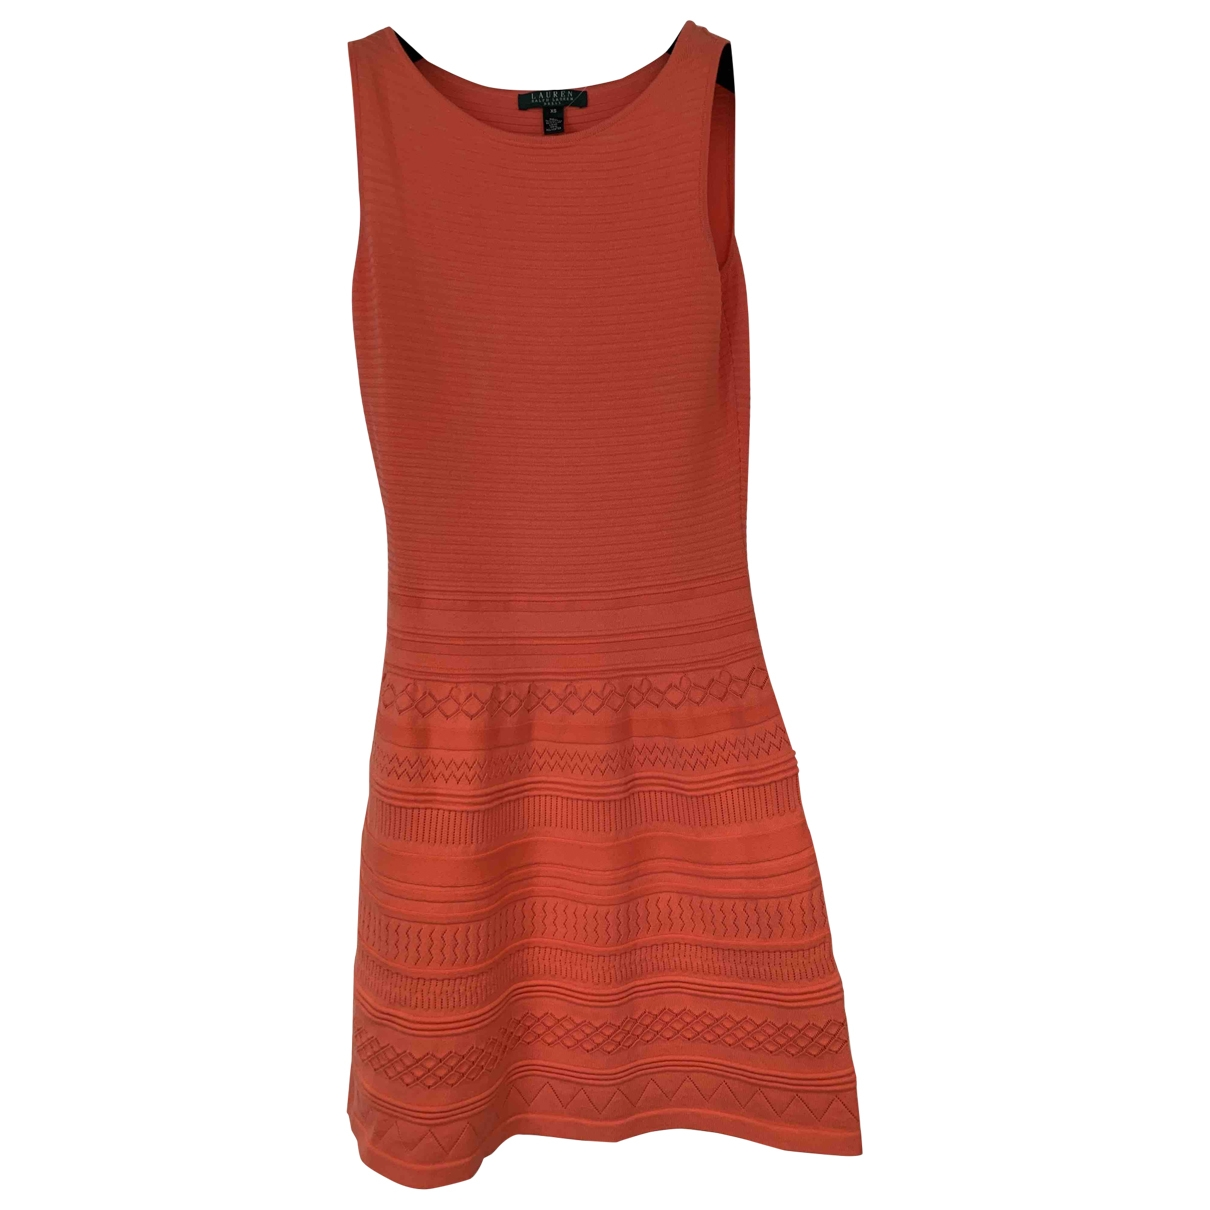 Lauren Ralph Lauren \N Orange Cotton dress for Women XS International